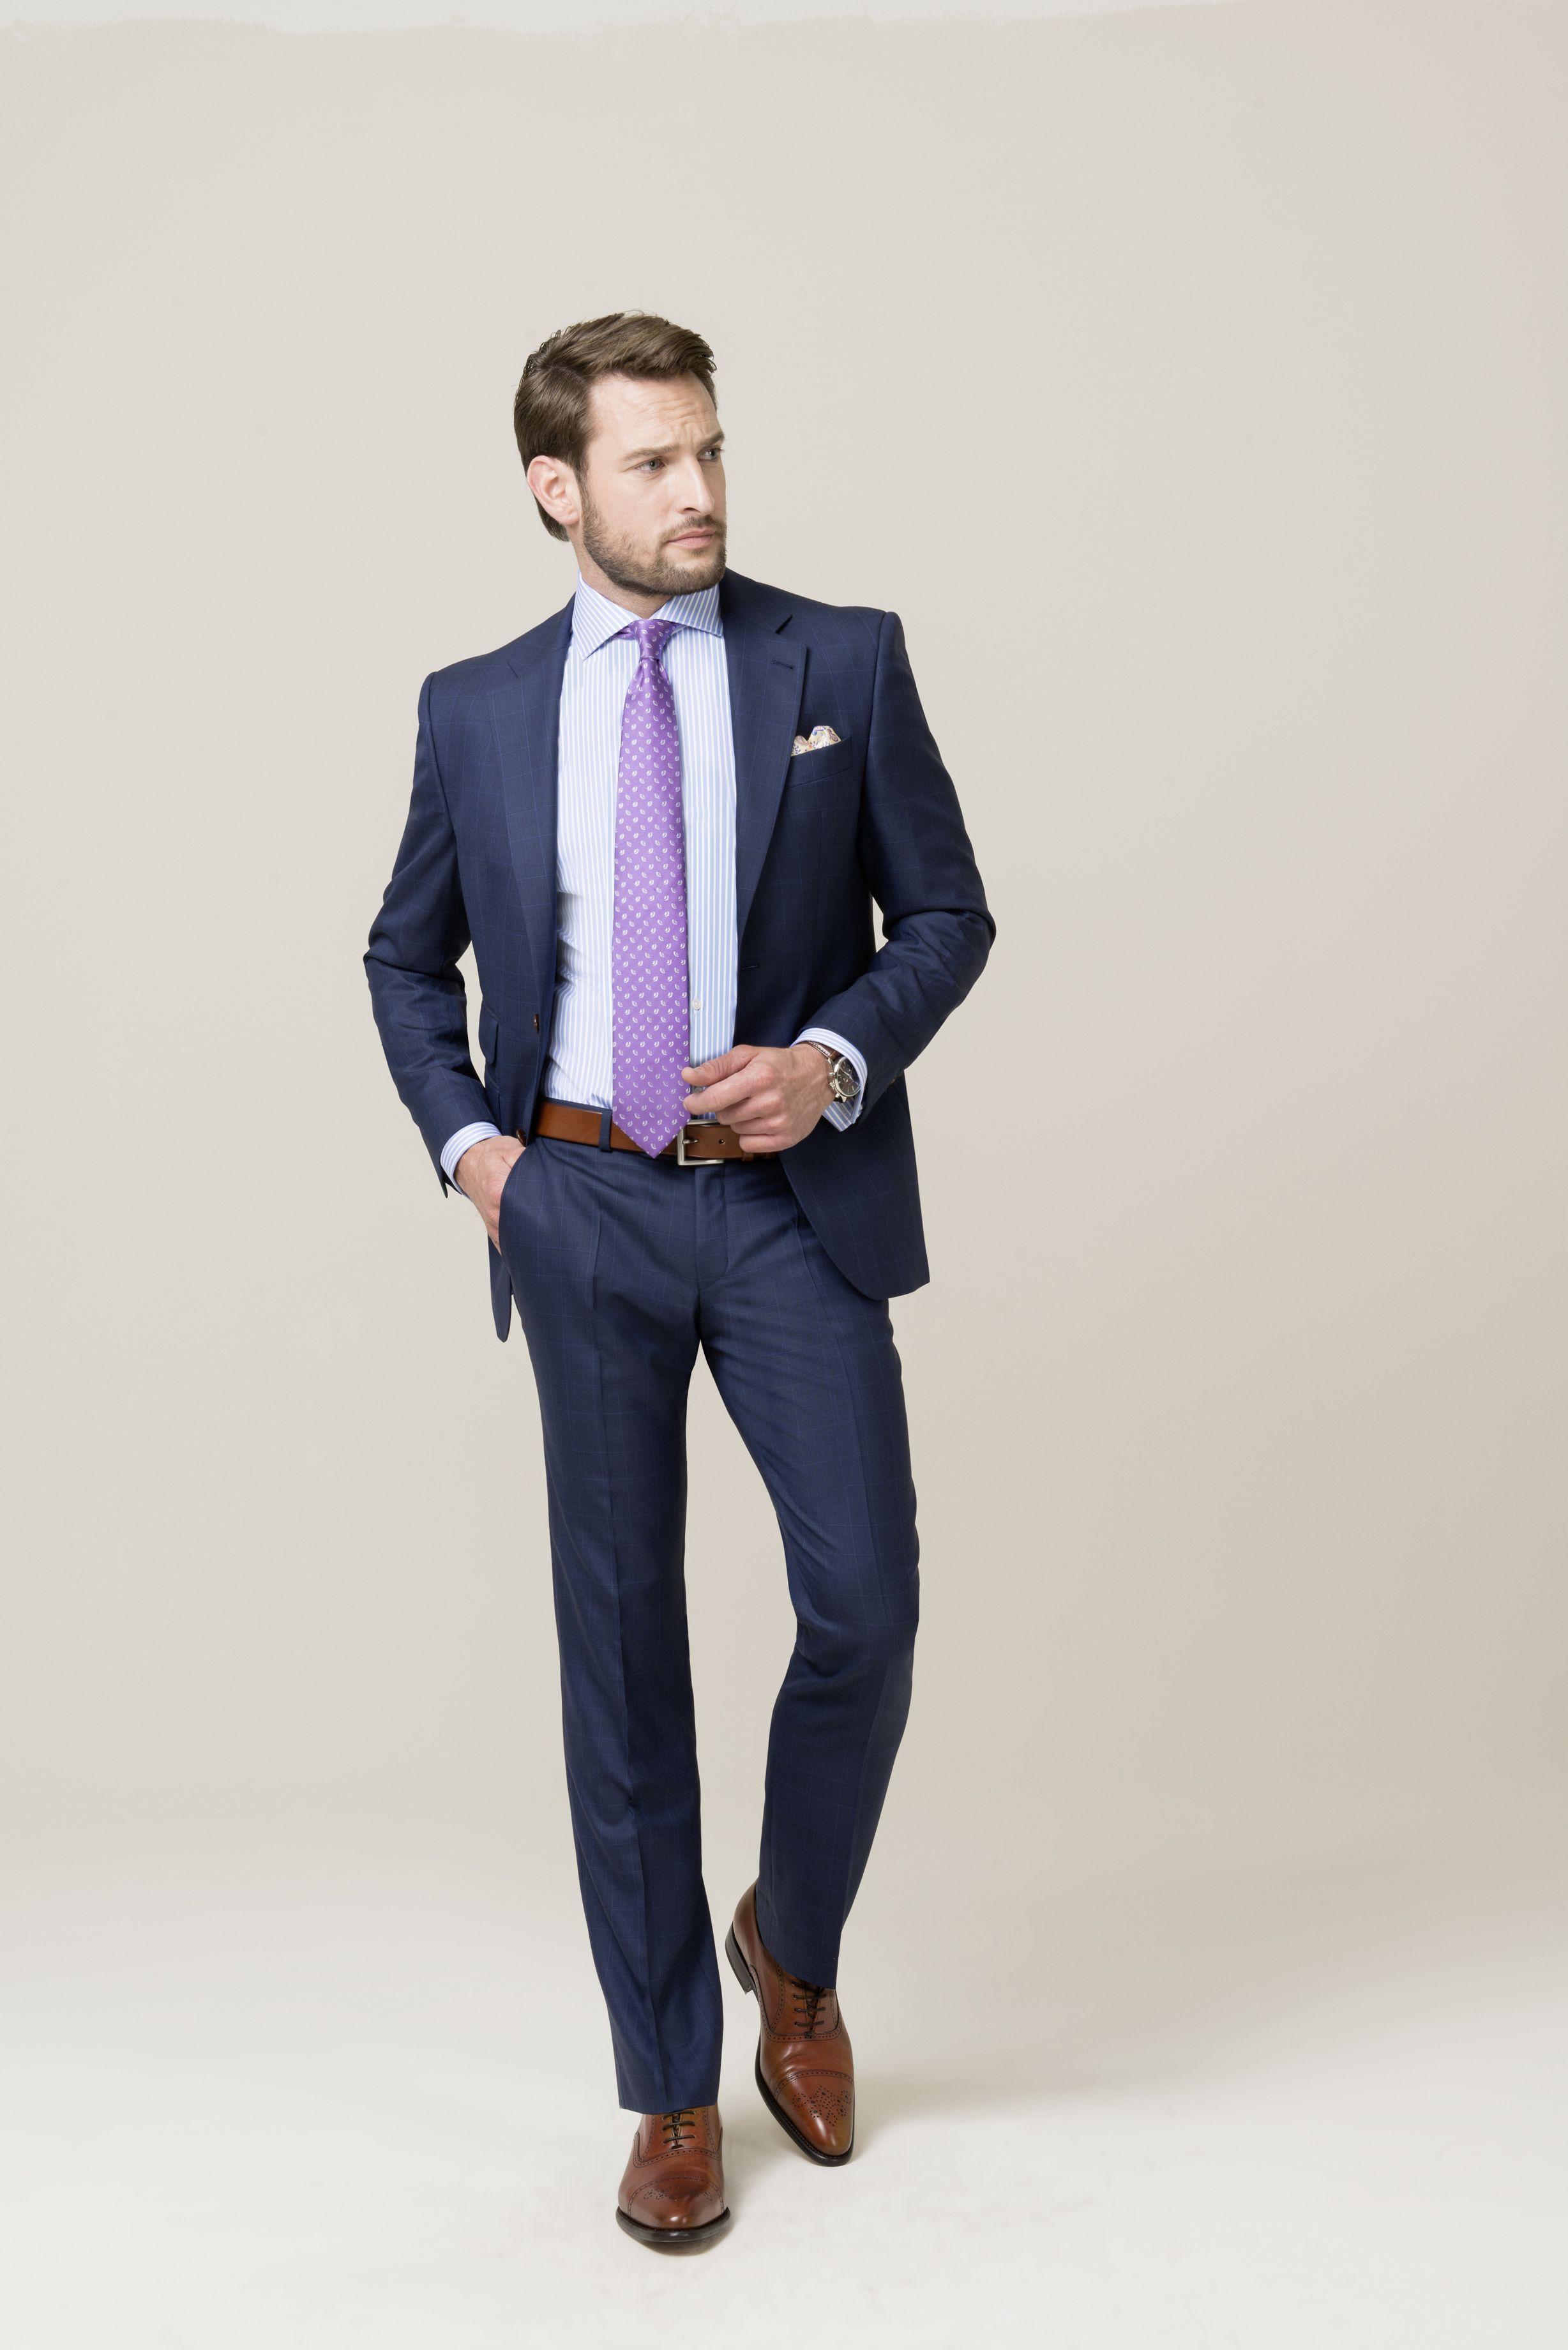 Mit Feinem Glencheck Und Einem Dezenten Blauen Uberkaro Sorgt Dieser Anzug Detailverliebt Fur Abwechslung In Ihrer Bus Anzug Und Krawatte Manner Kleidung Anzug